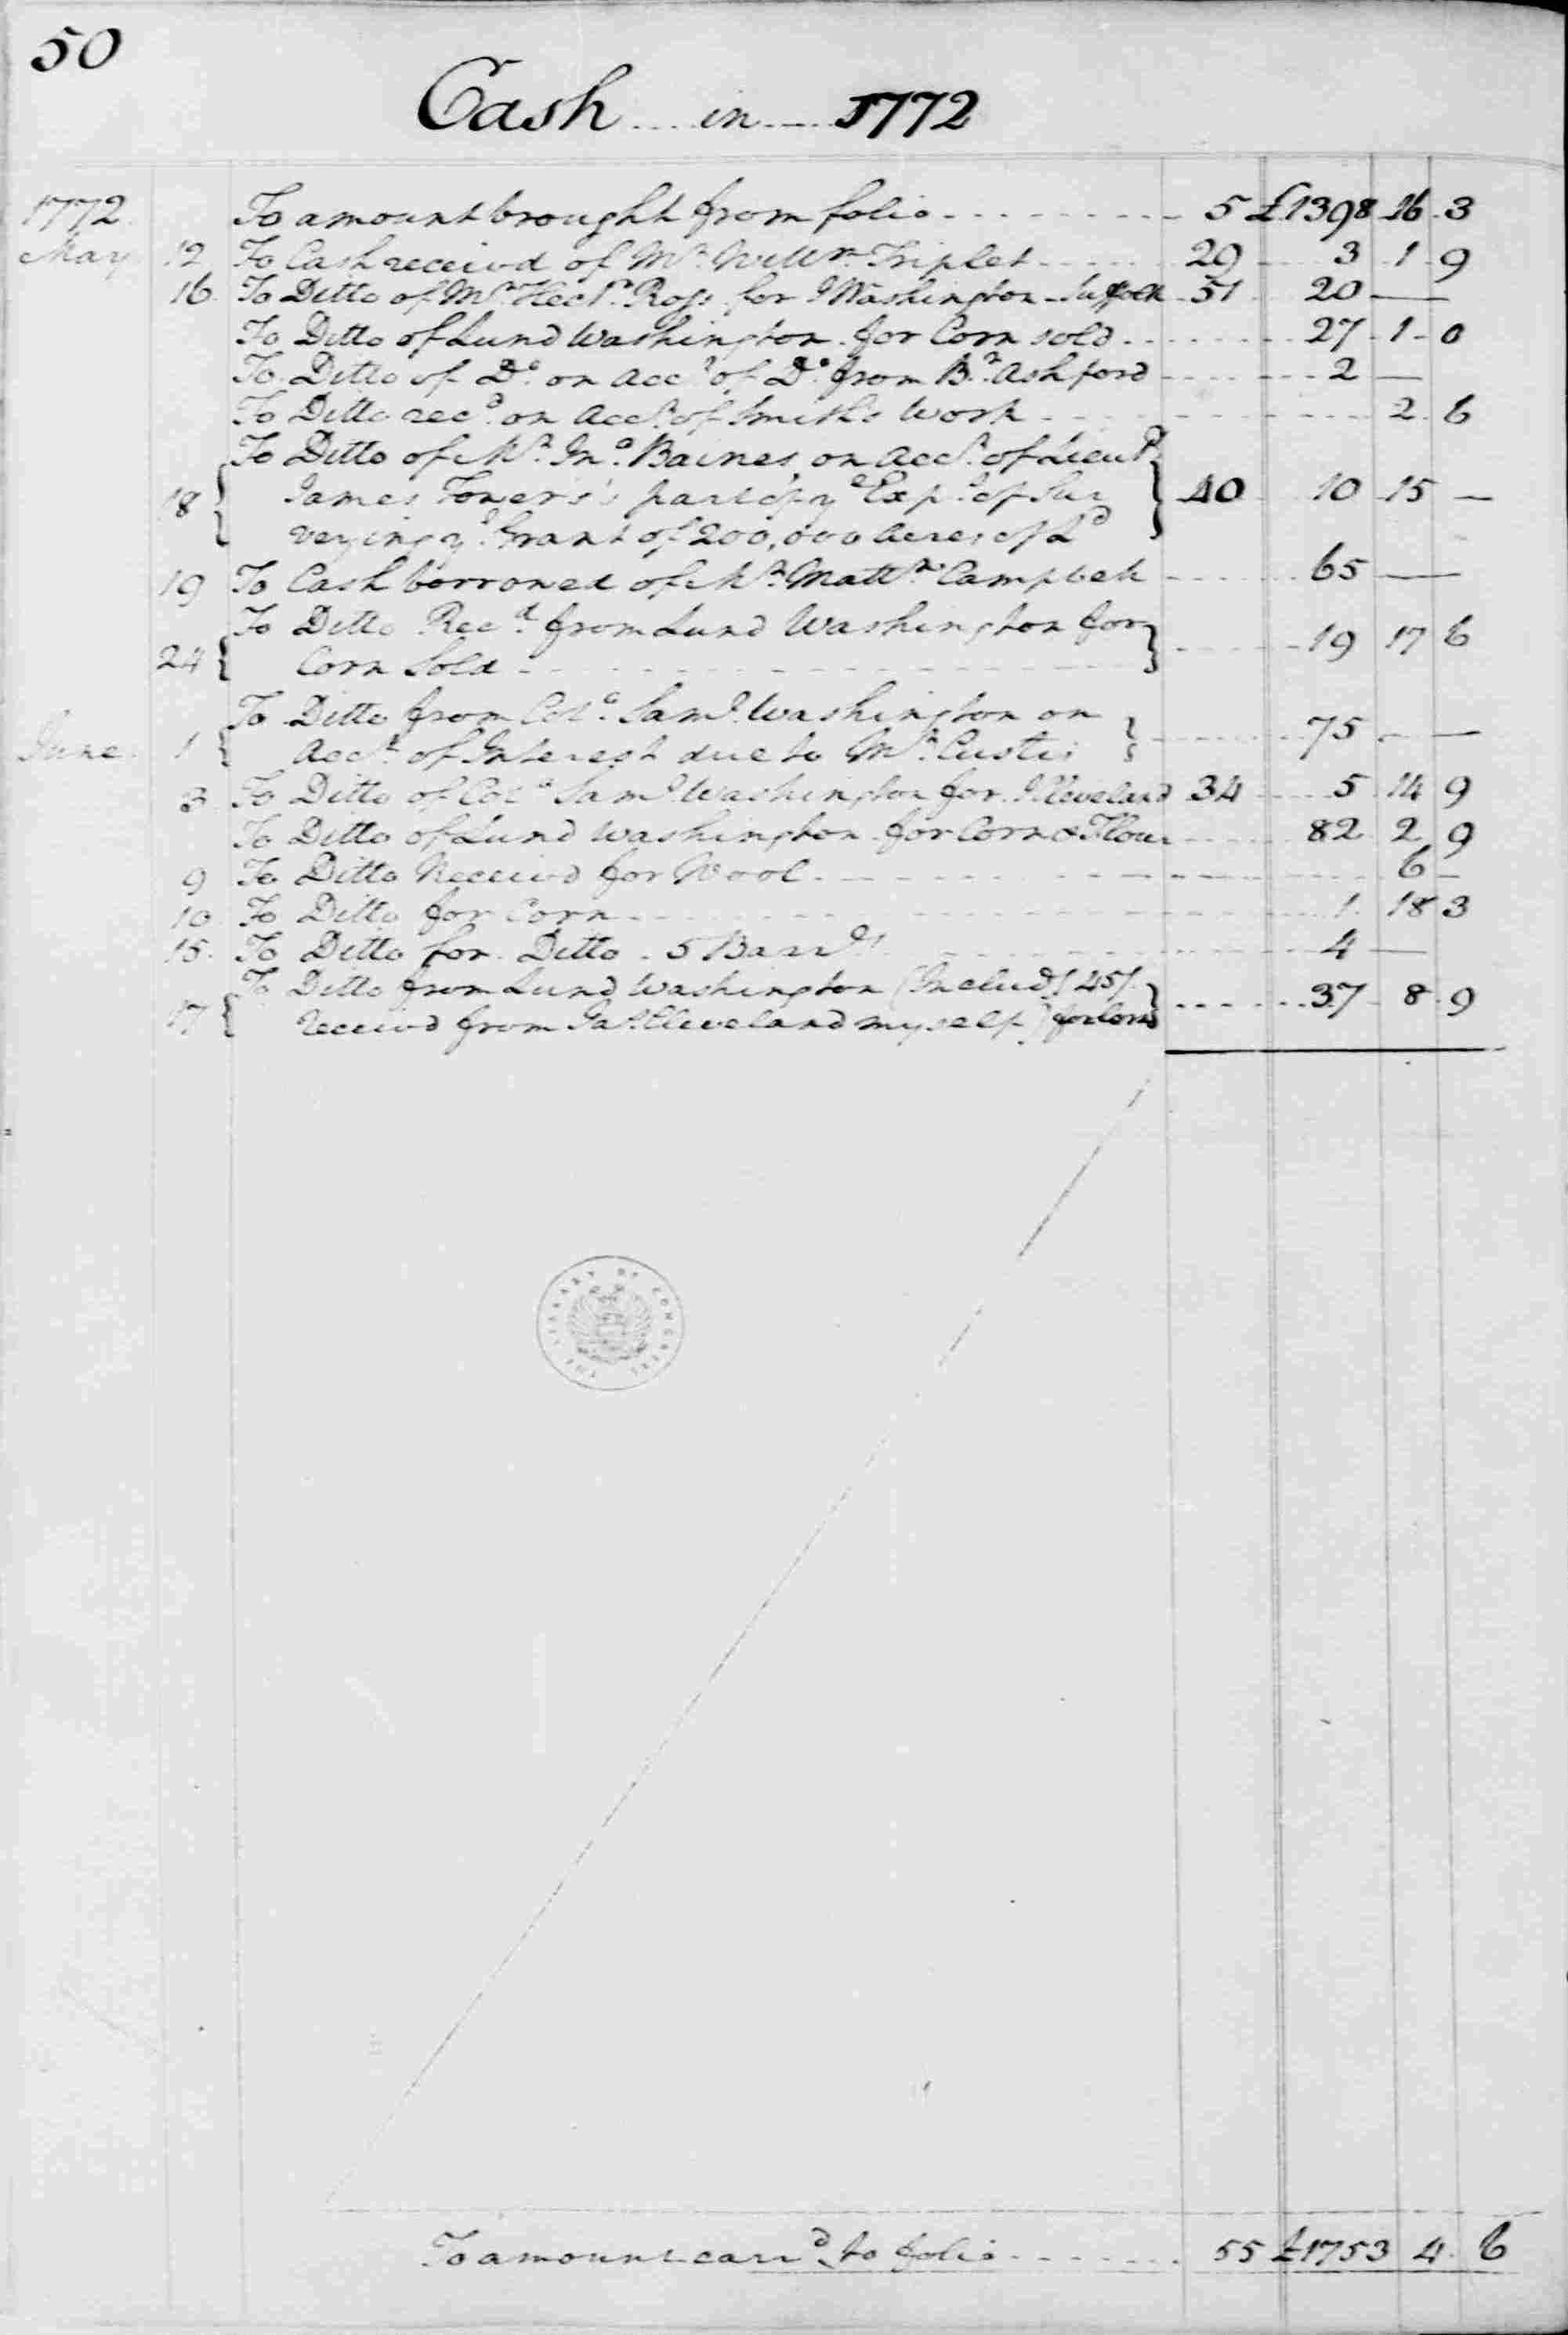 Ledger B, folio 50, left side